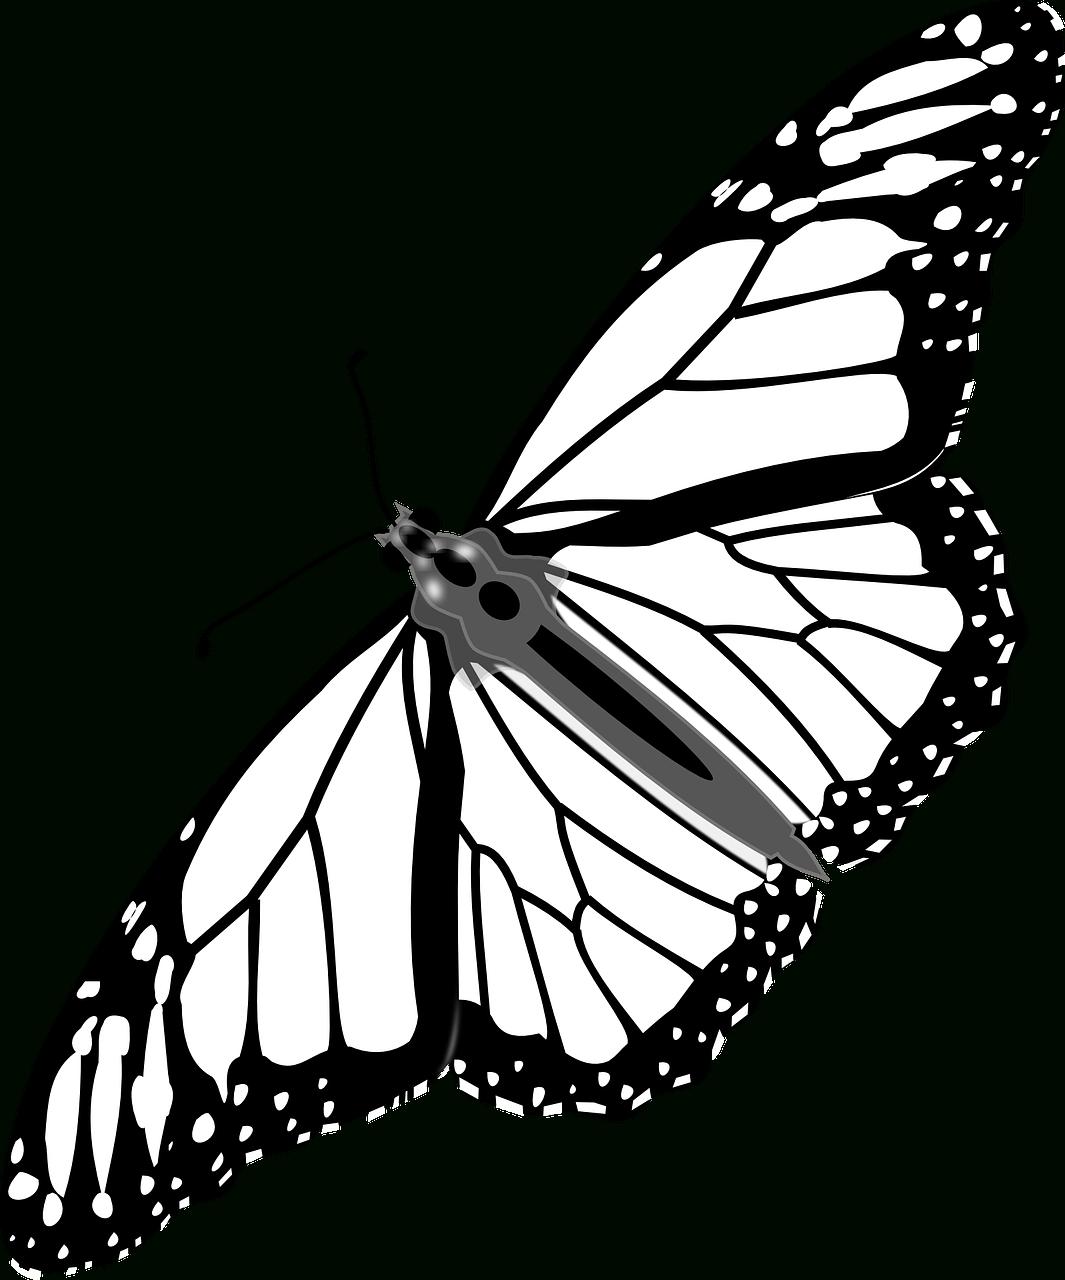 Coloriages Papillons À Imprimer. -Dessins De Papillons À avec Dessin A Imprimer Papillon Gratuit